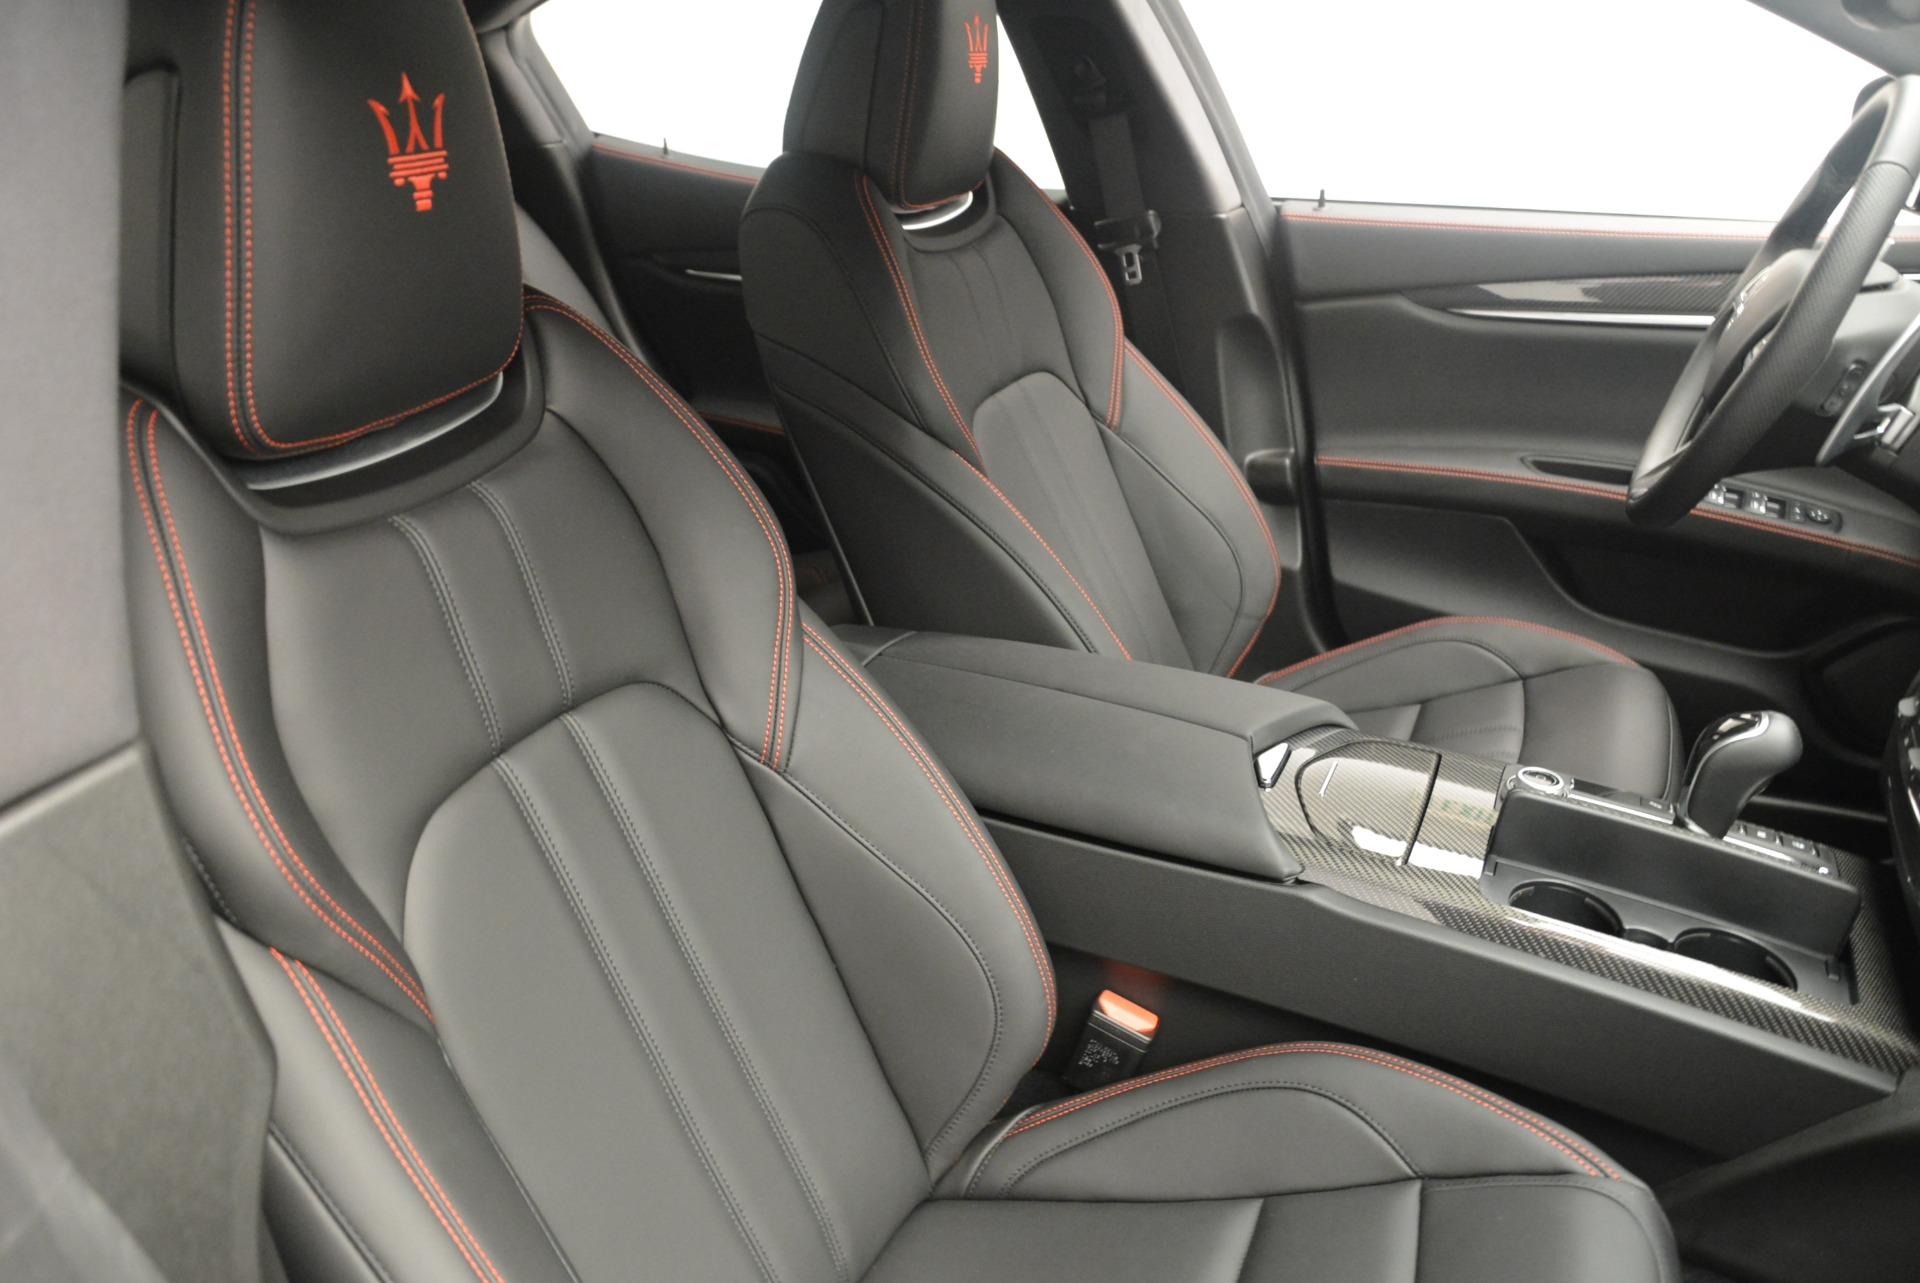 New 2018 Maserati Ghibli SQ4 GranSport Nerissimo For Sale In Greenwich, CT 2372_p22